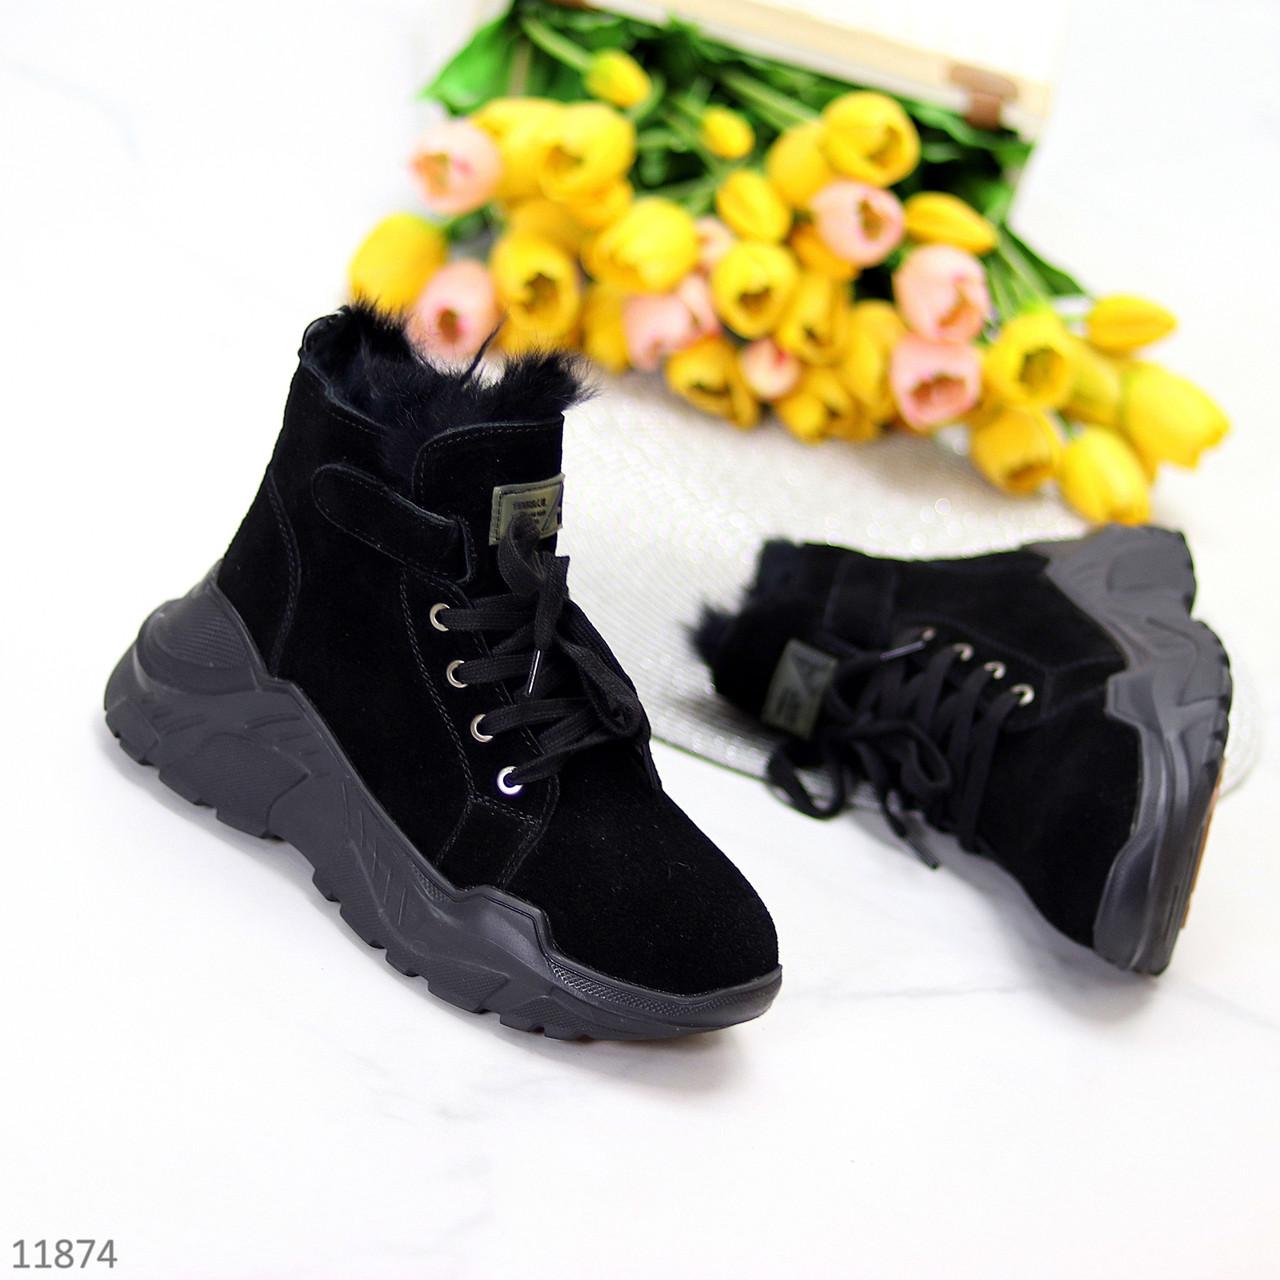 Модні жіночі чорні замшеві зимові черевики на невисокій платформі